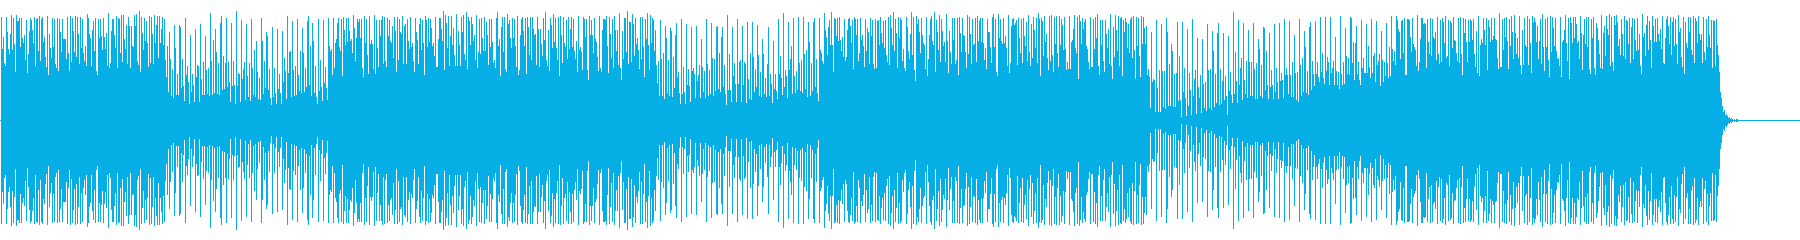 ディレイを活かしたHip-HopBeatの再生済みの波形